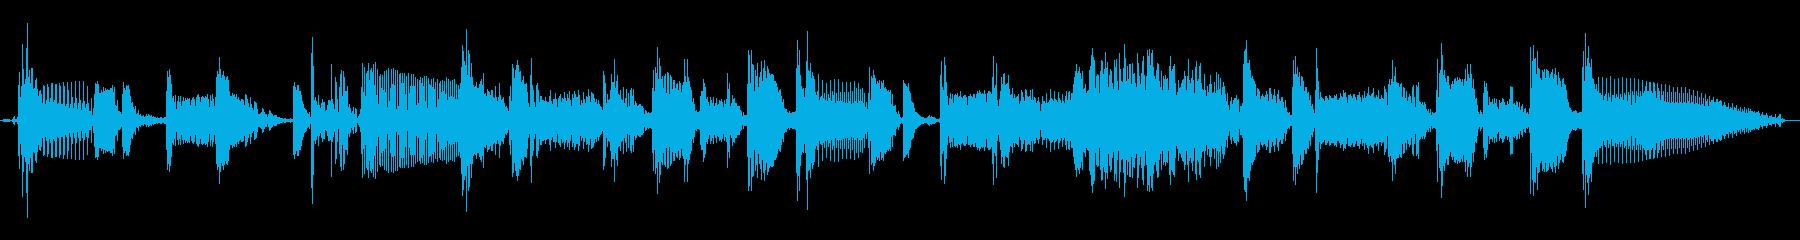 ベース スラップフレーズ ジングルの再生済みの波形